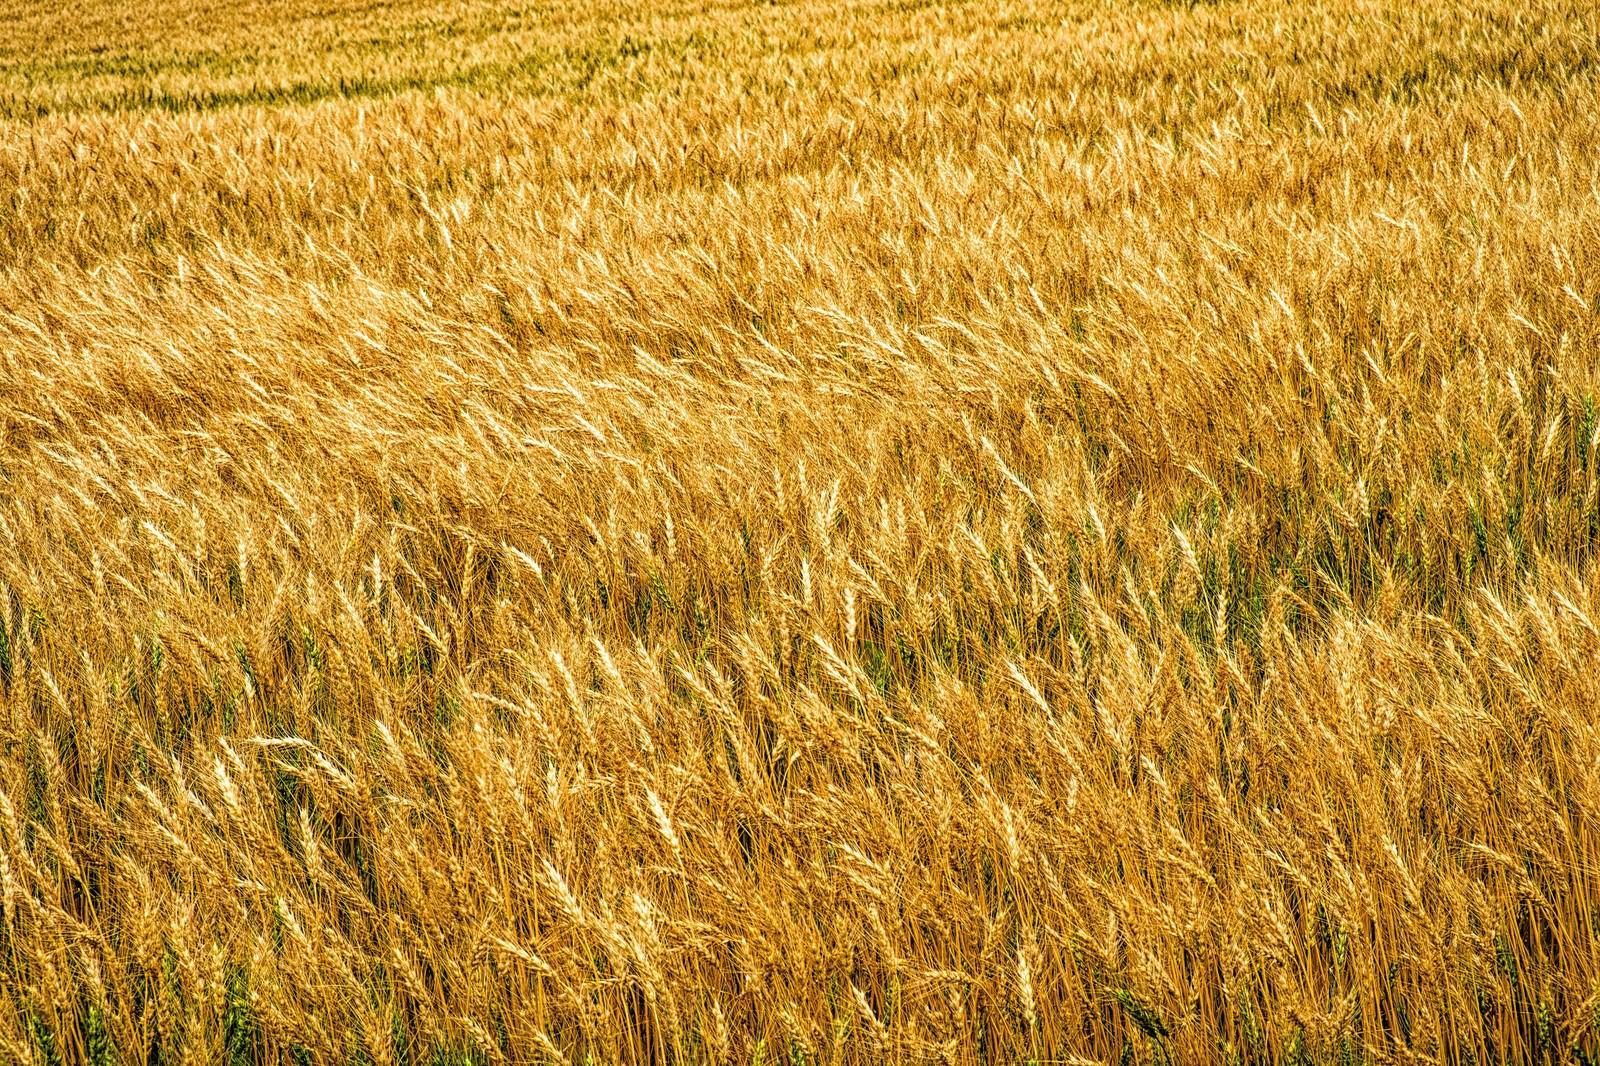 「辺り一面に広がる麦畑」の写真